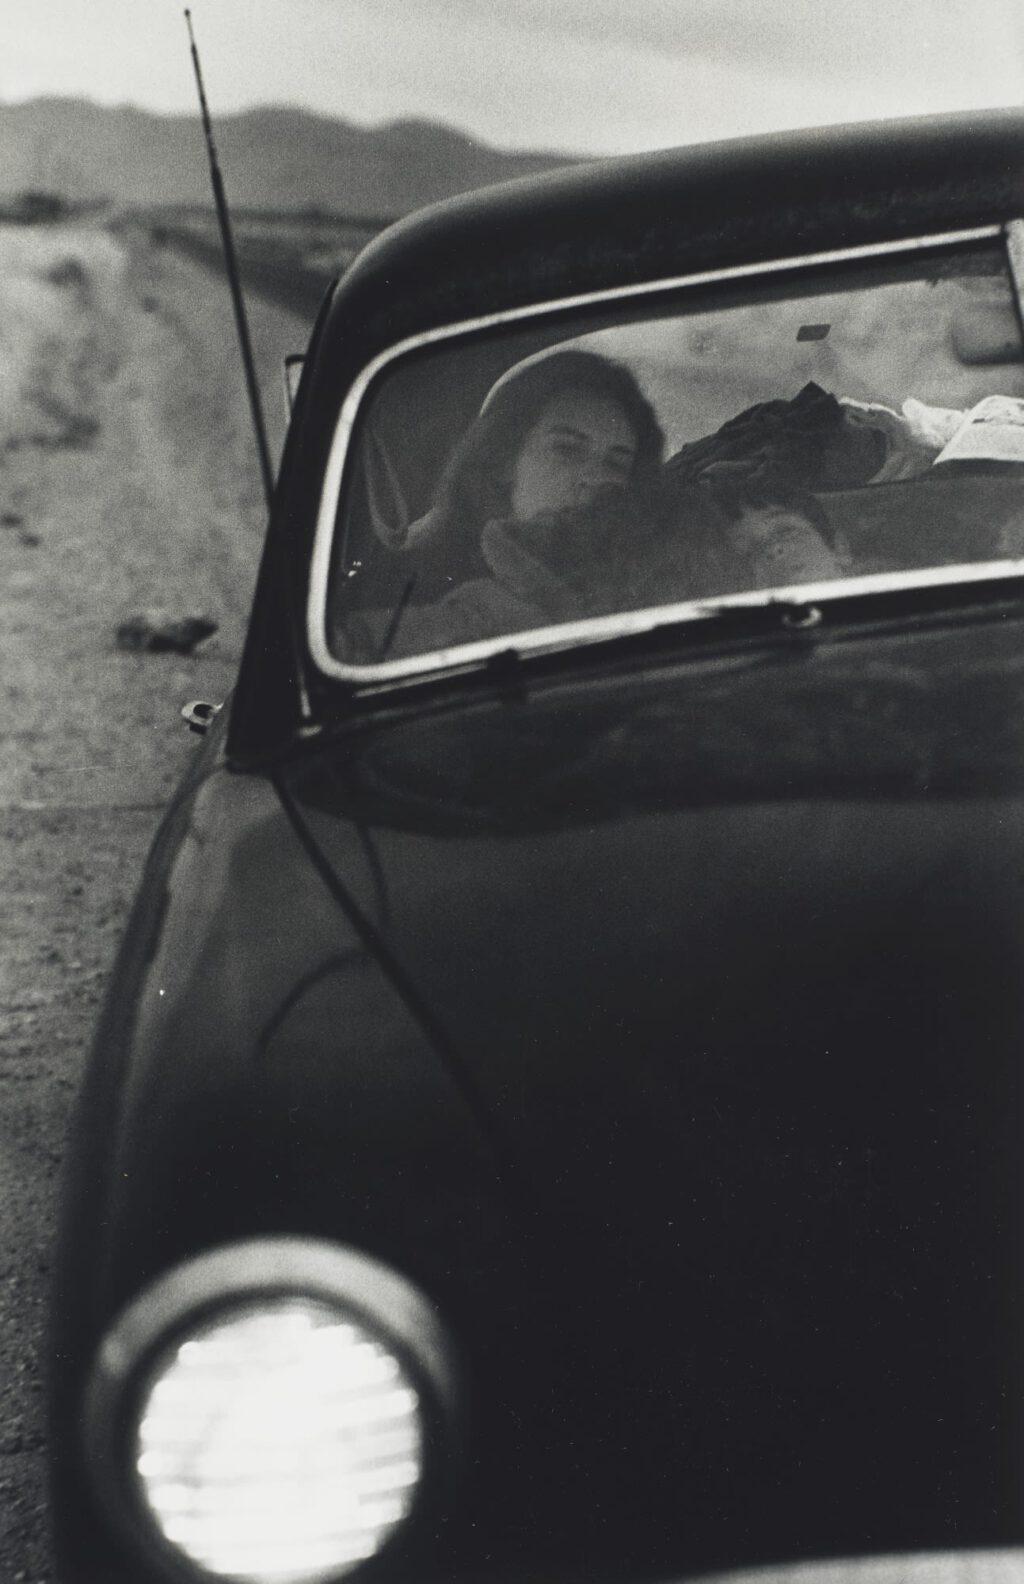 Robert Frank U.S. 90, En Route to Del Rio, Texas, 1955